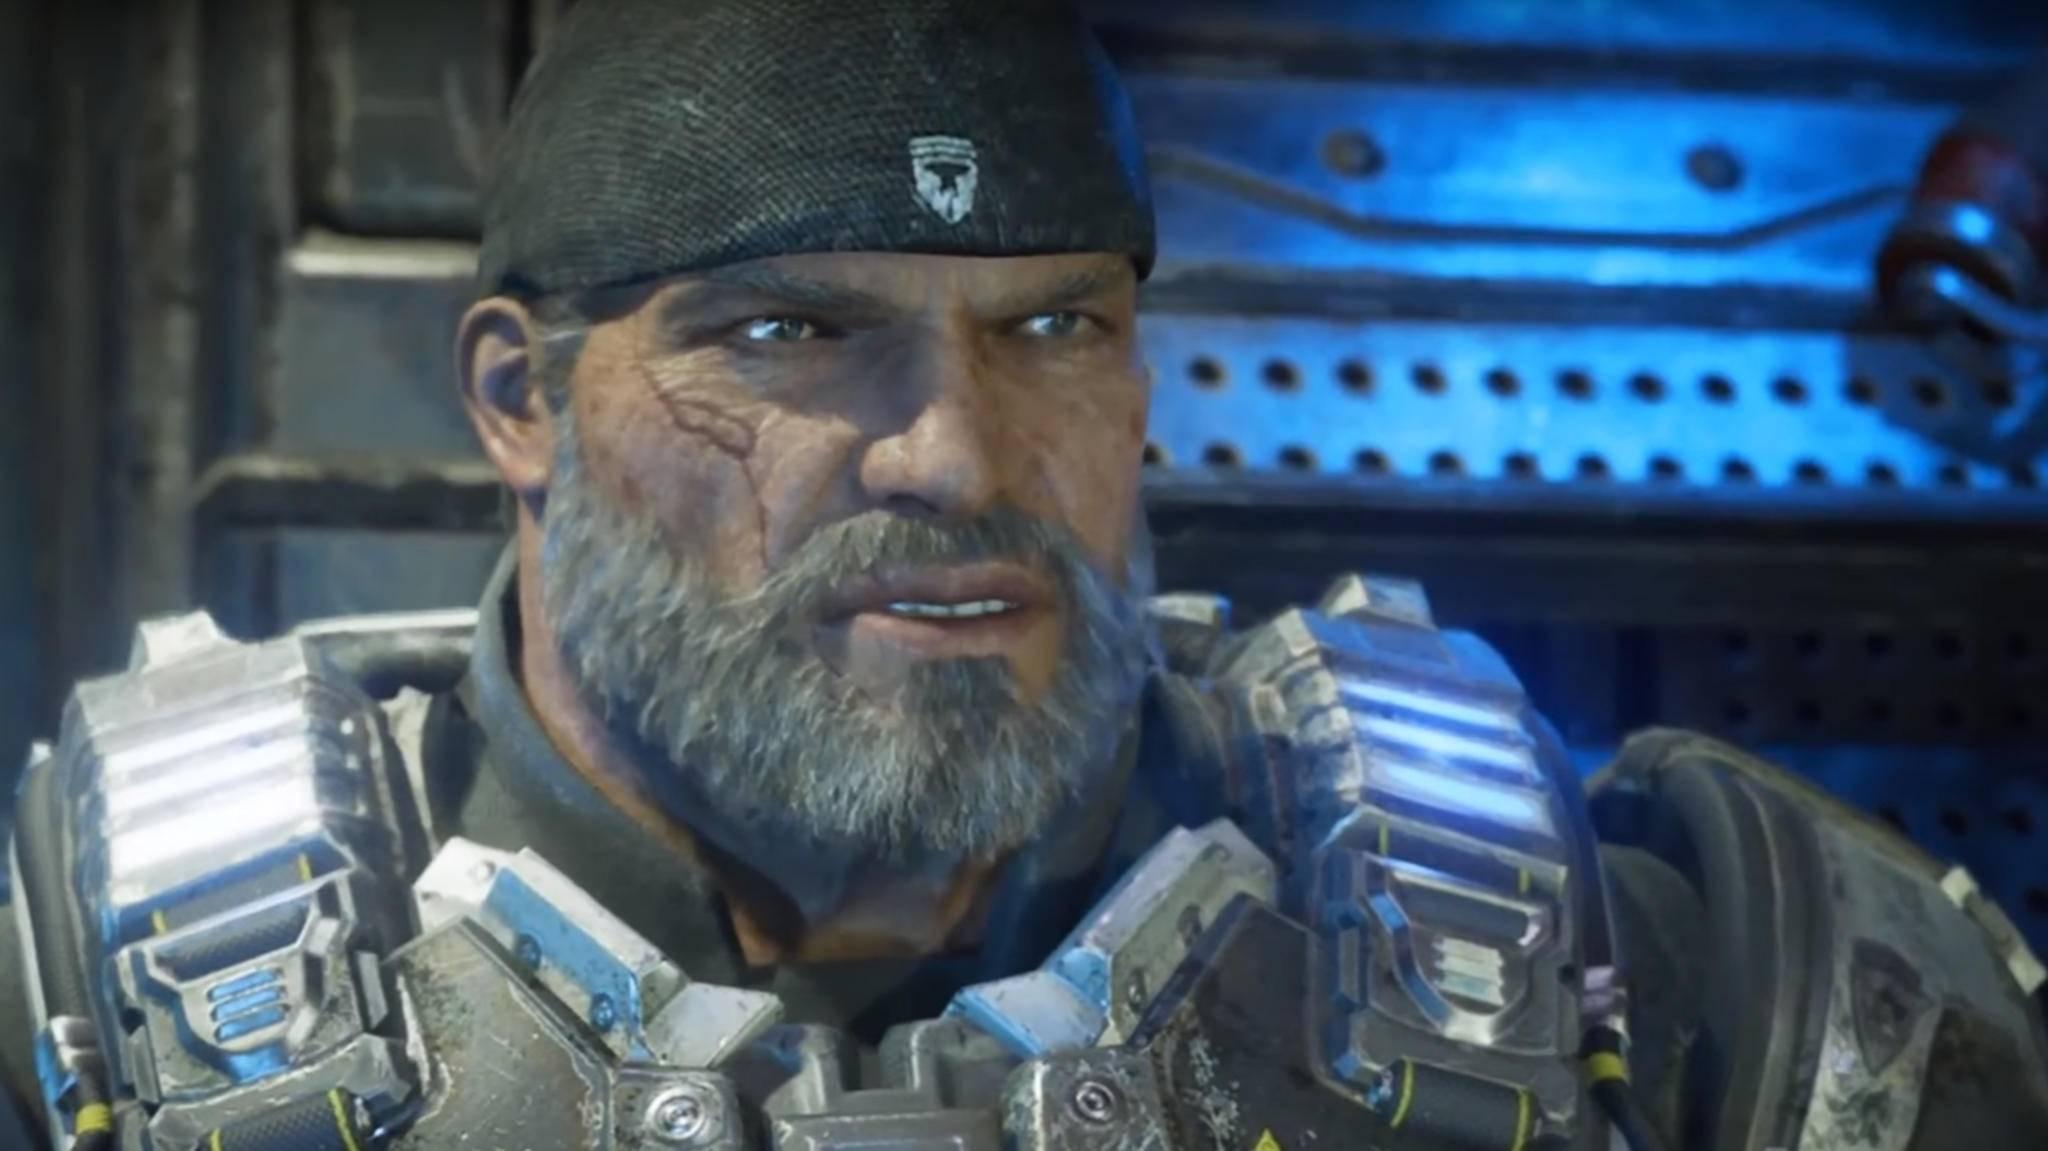 """Um in den Genuss von HDR in kompatiblen Spielen wie """"Gears of War 4"""" zu kommen, benötigst Du einen HDR10-kompatiblen Fernseher."""